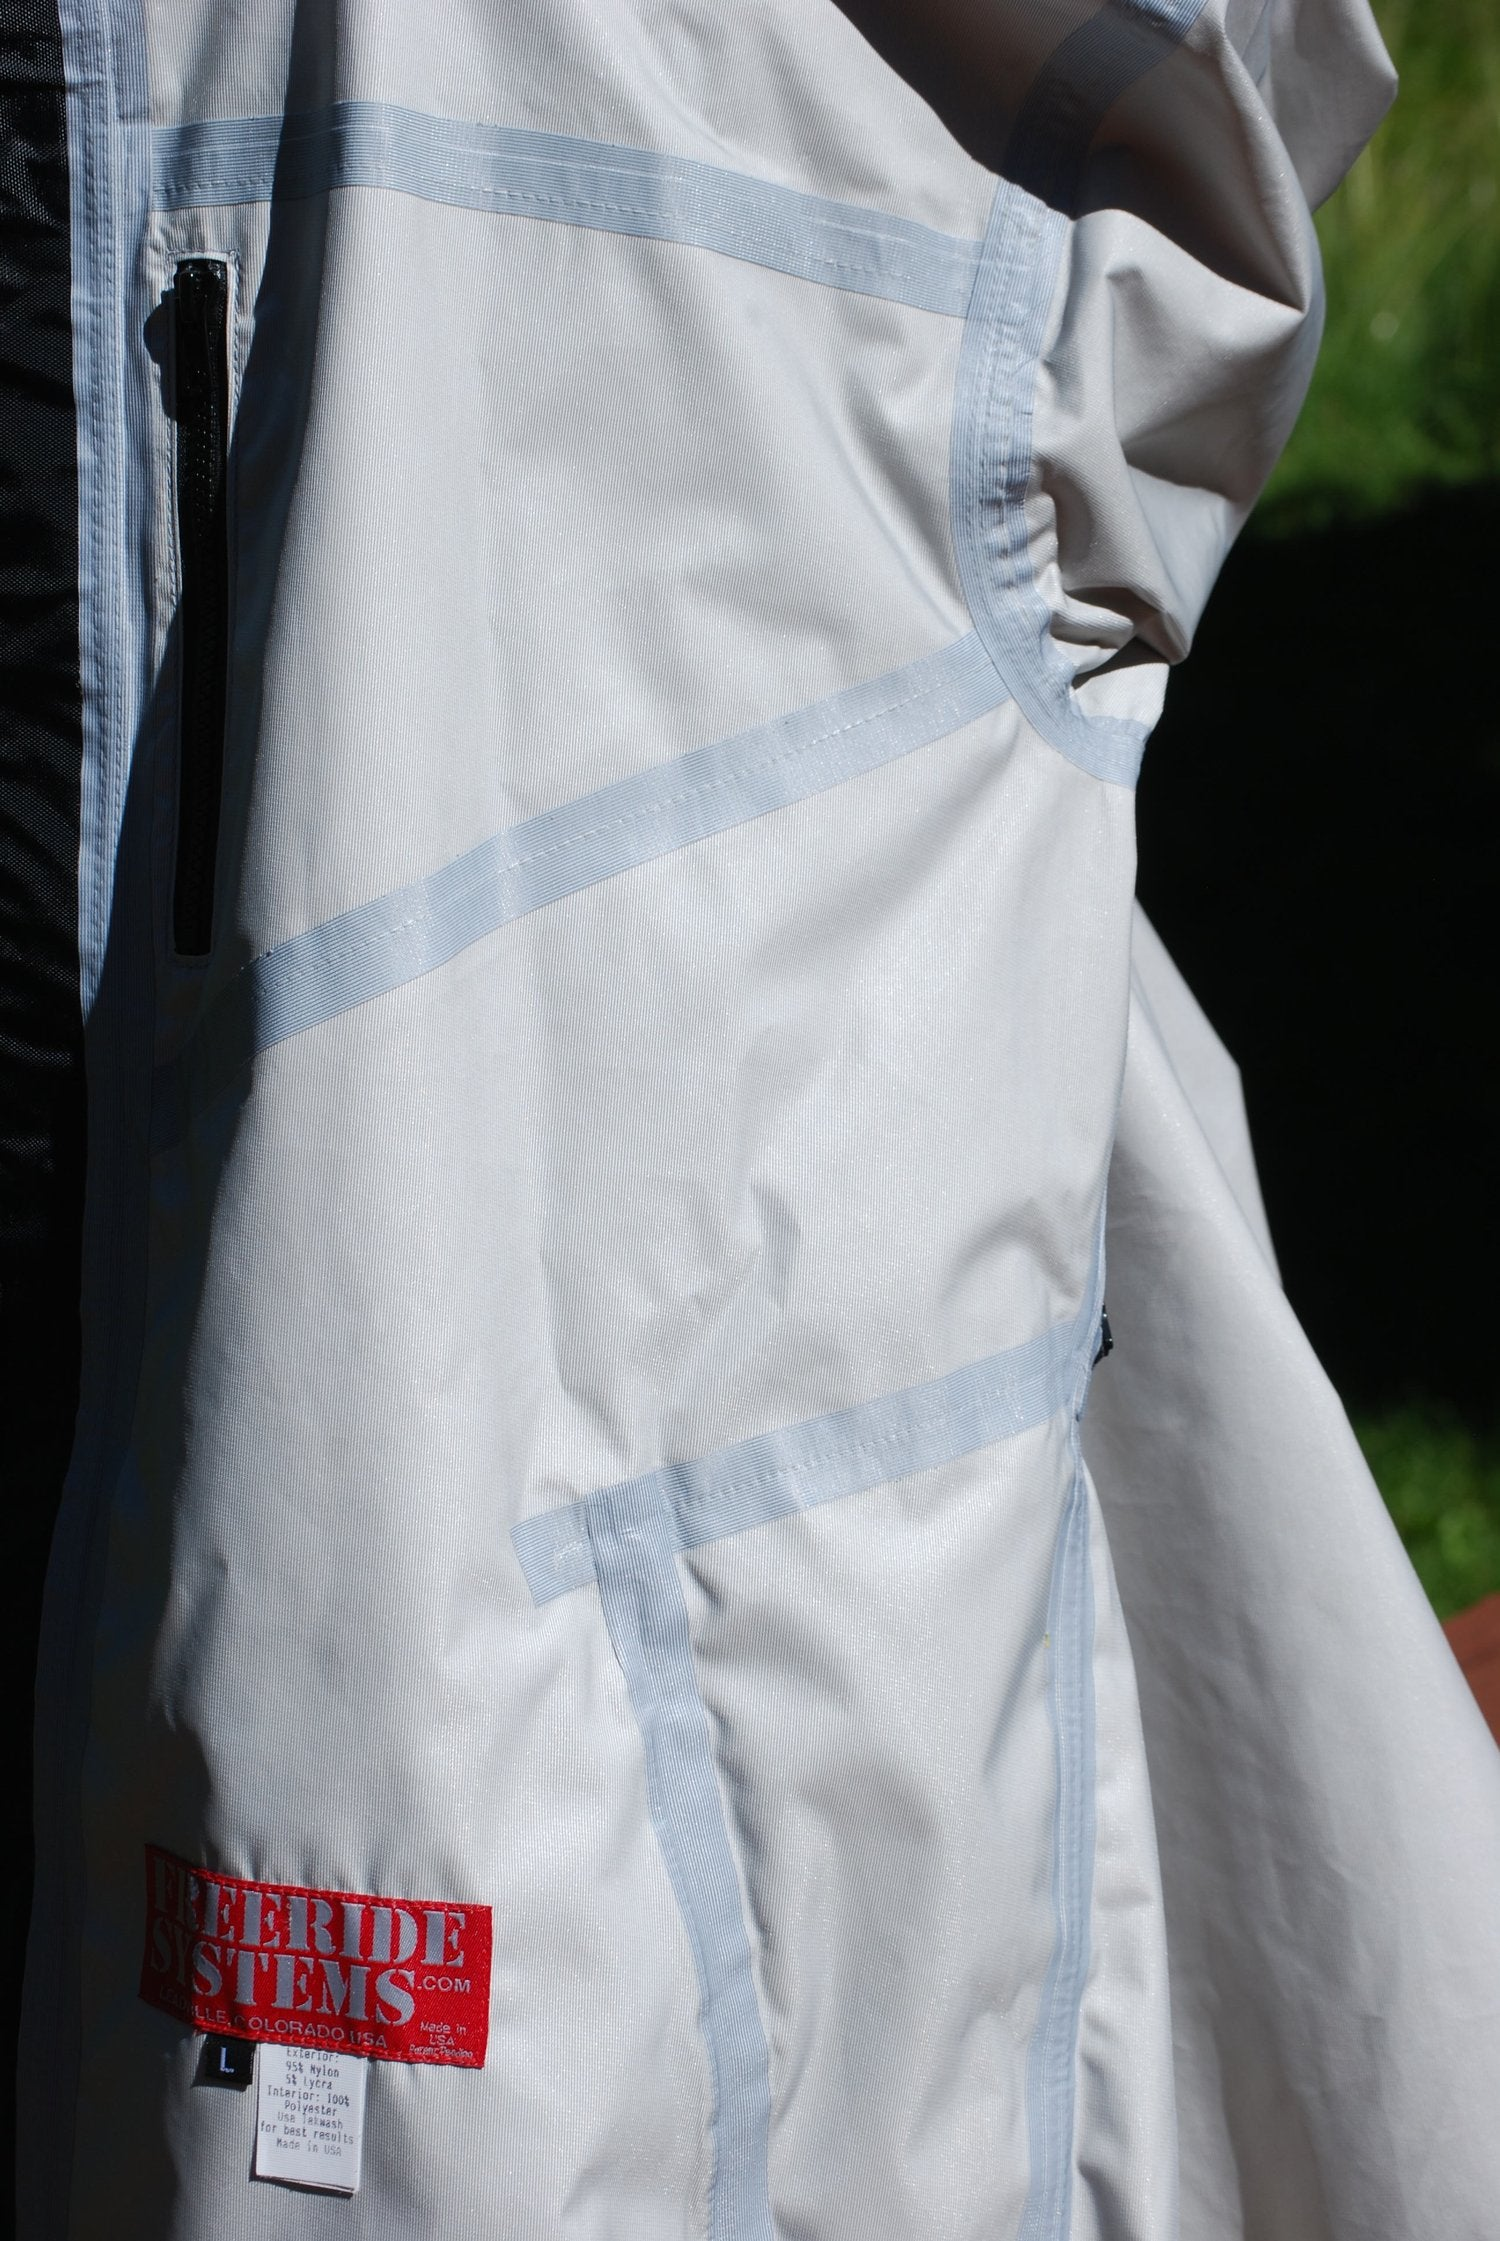 Image of Antero 3 Polartec Neoshell Hardshell Laminate Ski Jacket Charcoal